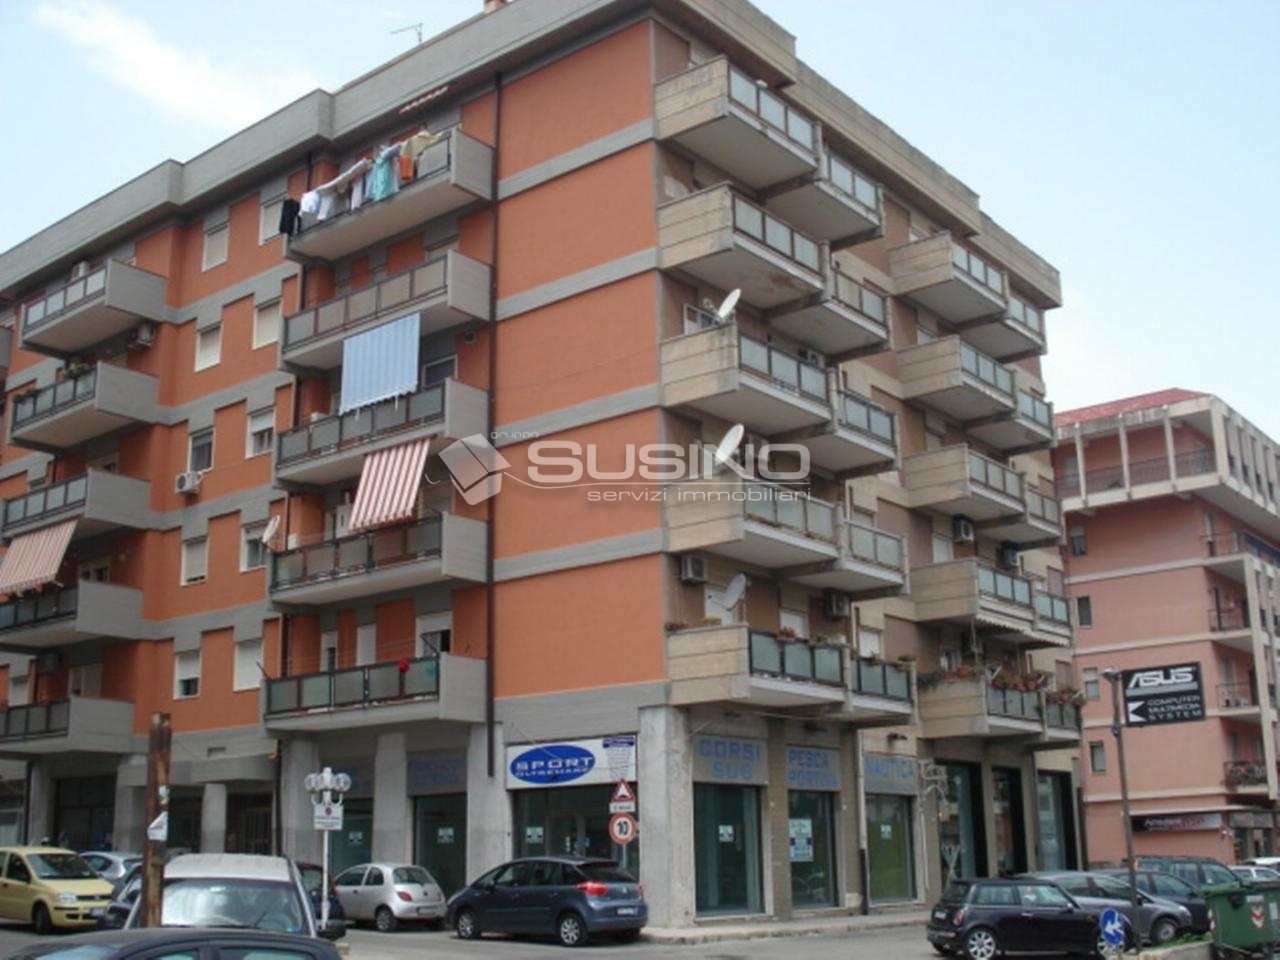 Attico / Mansarda in vendita a Siracusa, 3 locali, zona Località: ScalaGreca, Trattative riservate | Cambio Casa.it